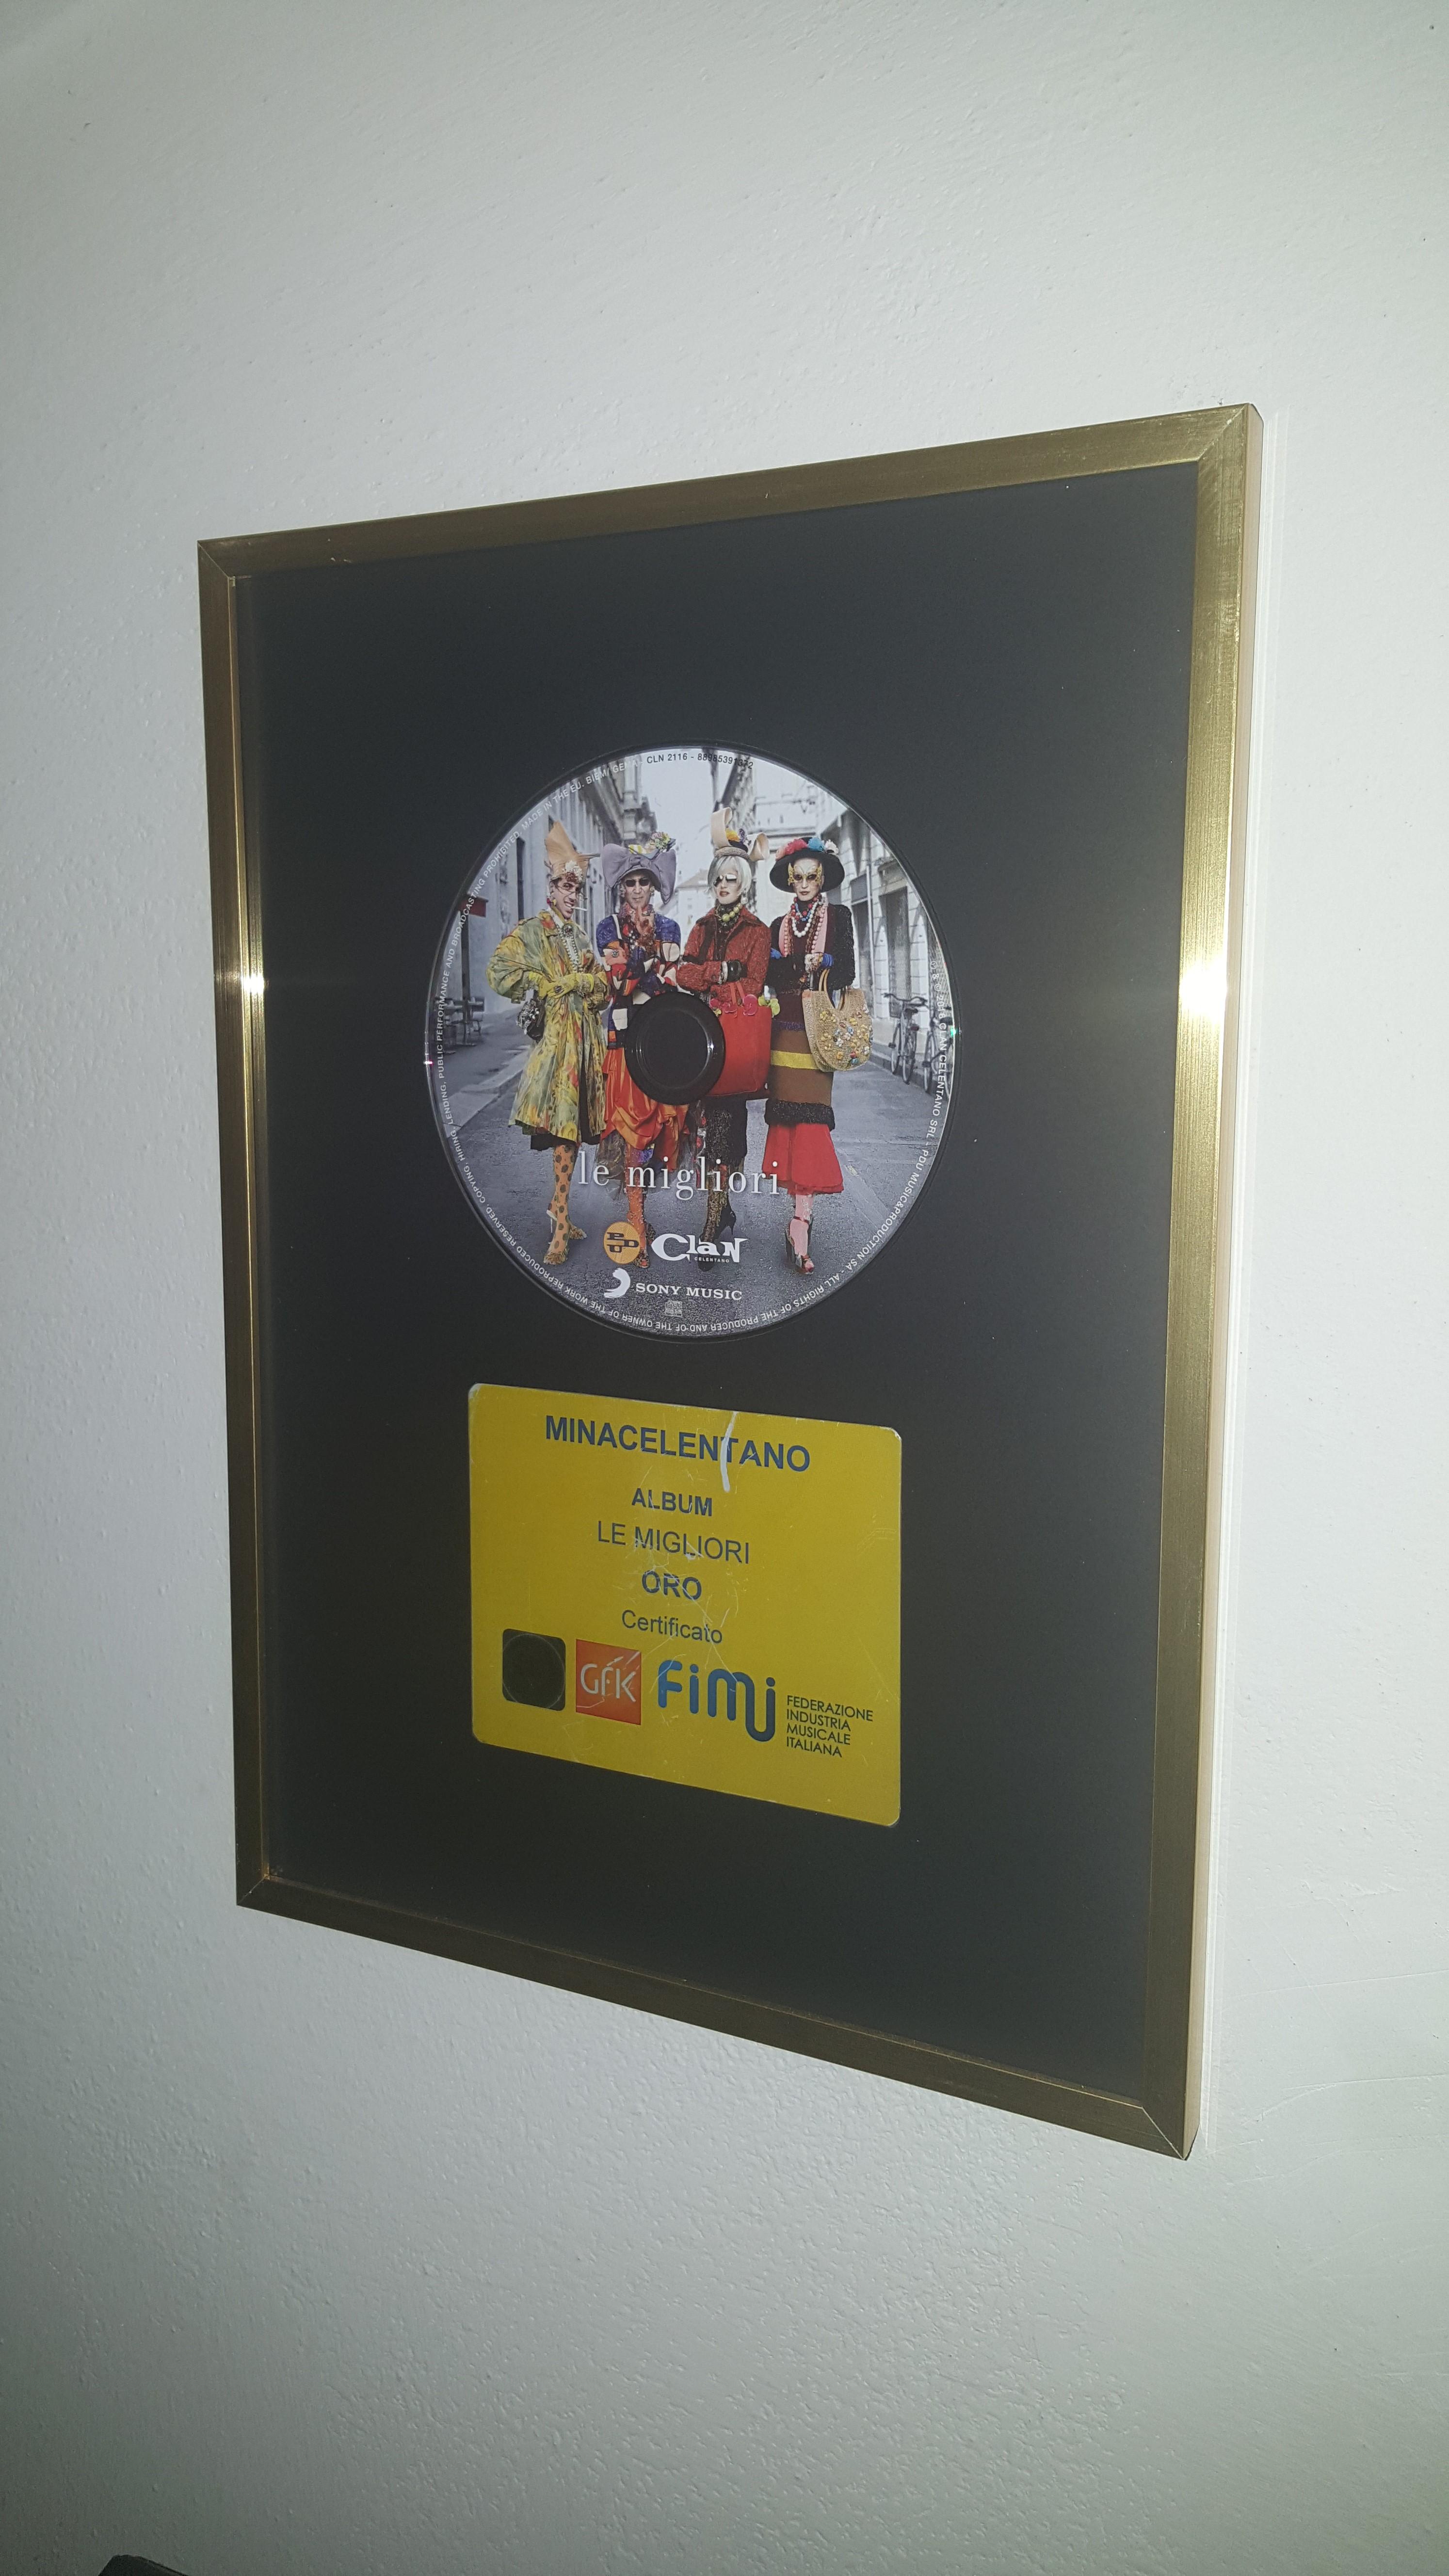 LE MIGLIORI (1 Oro)